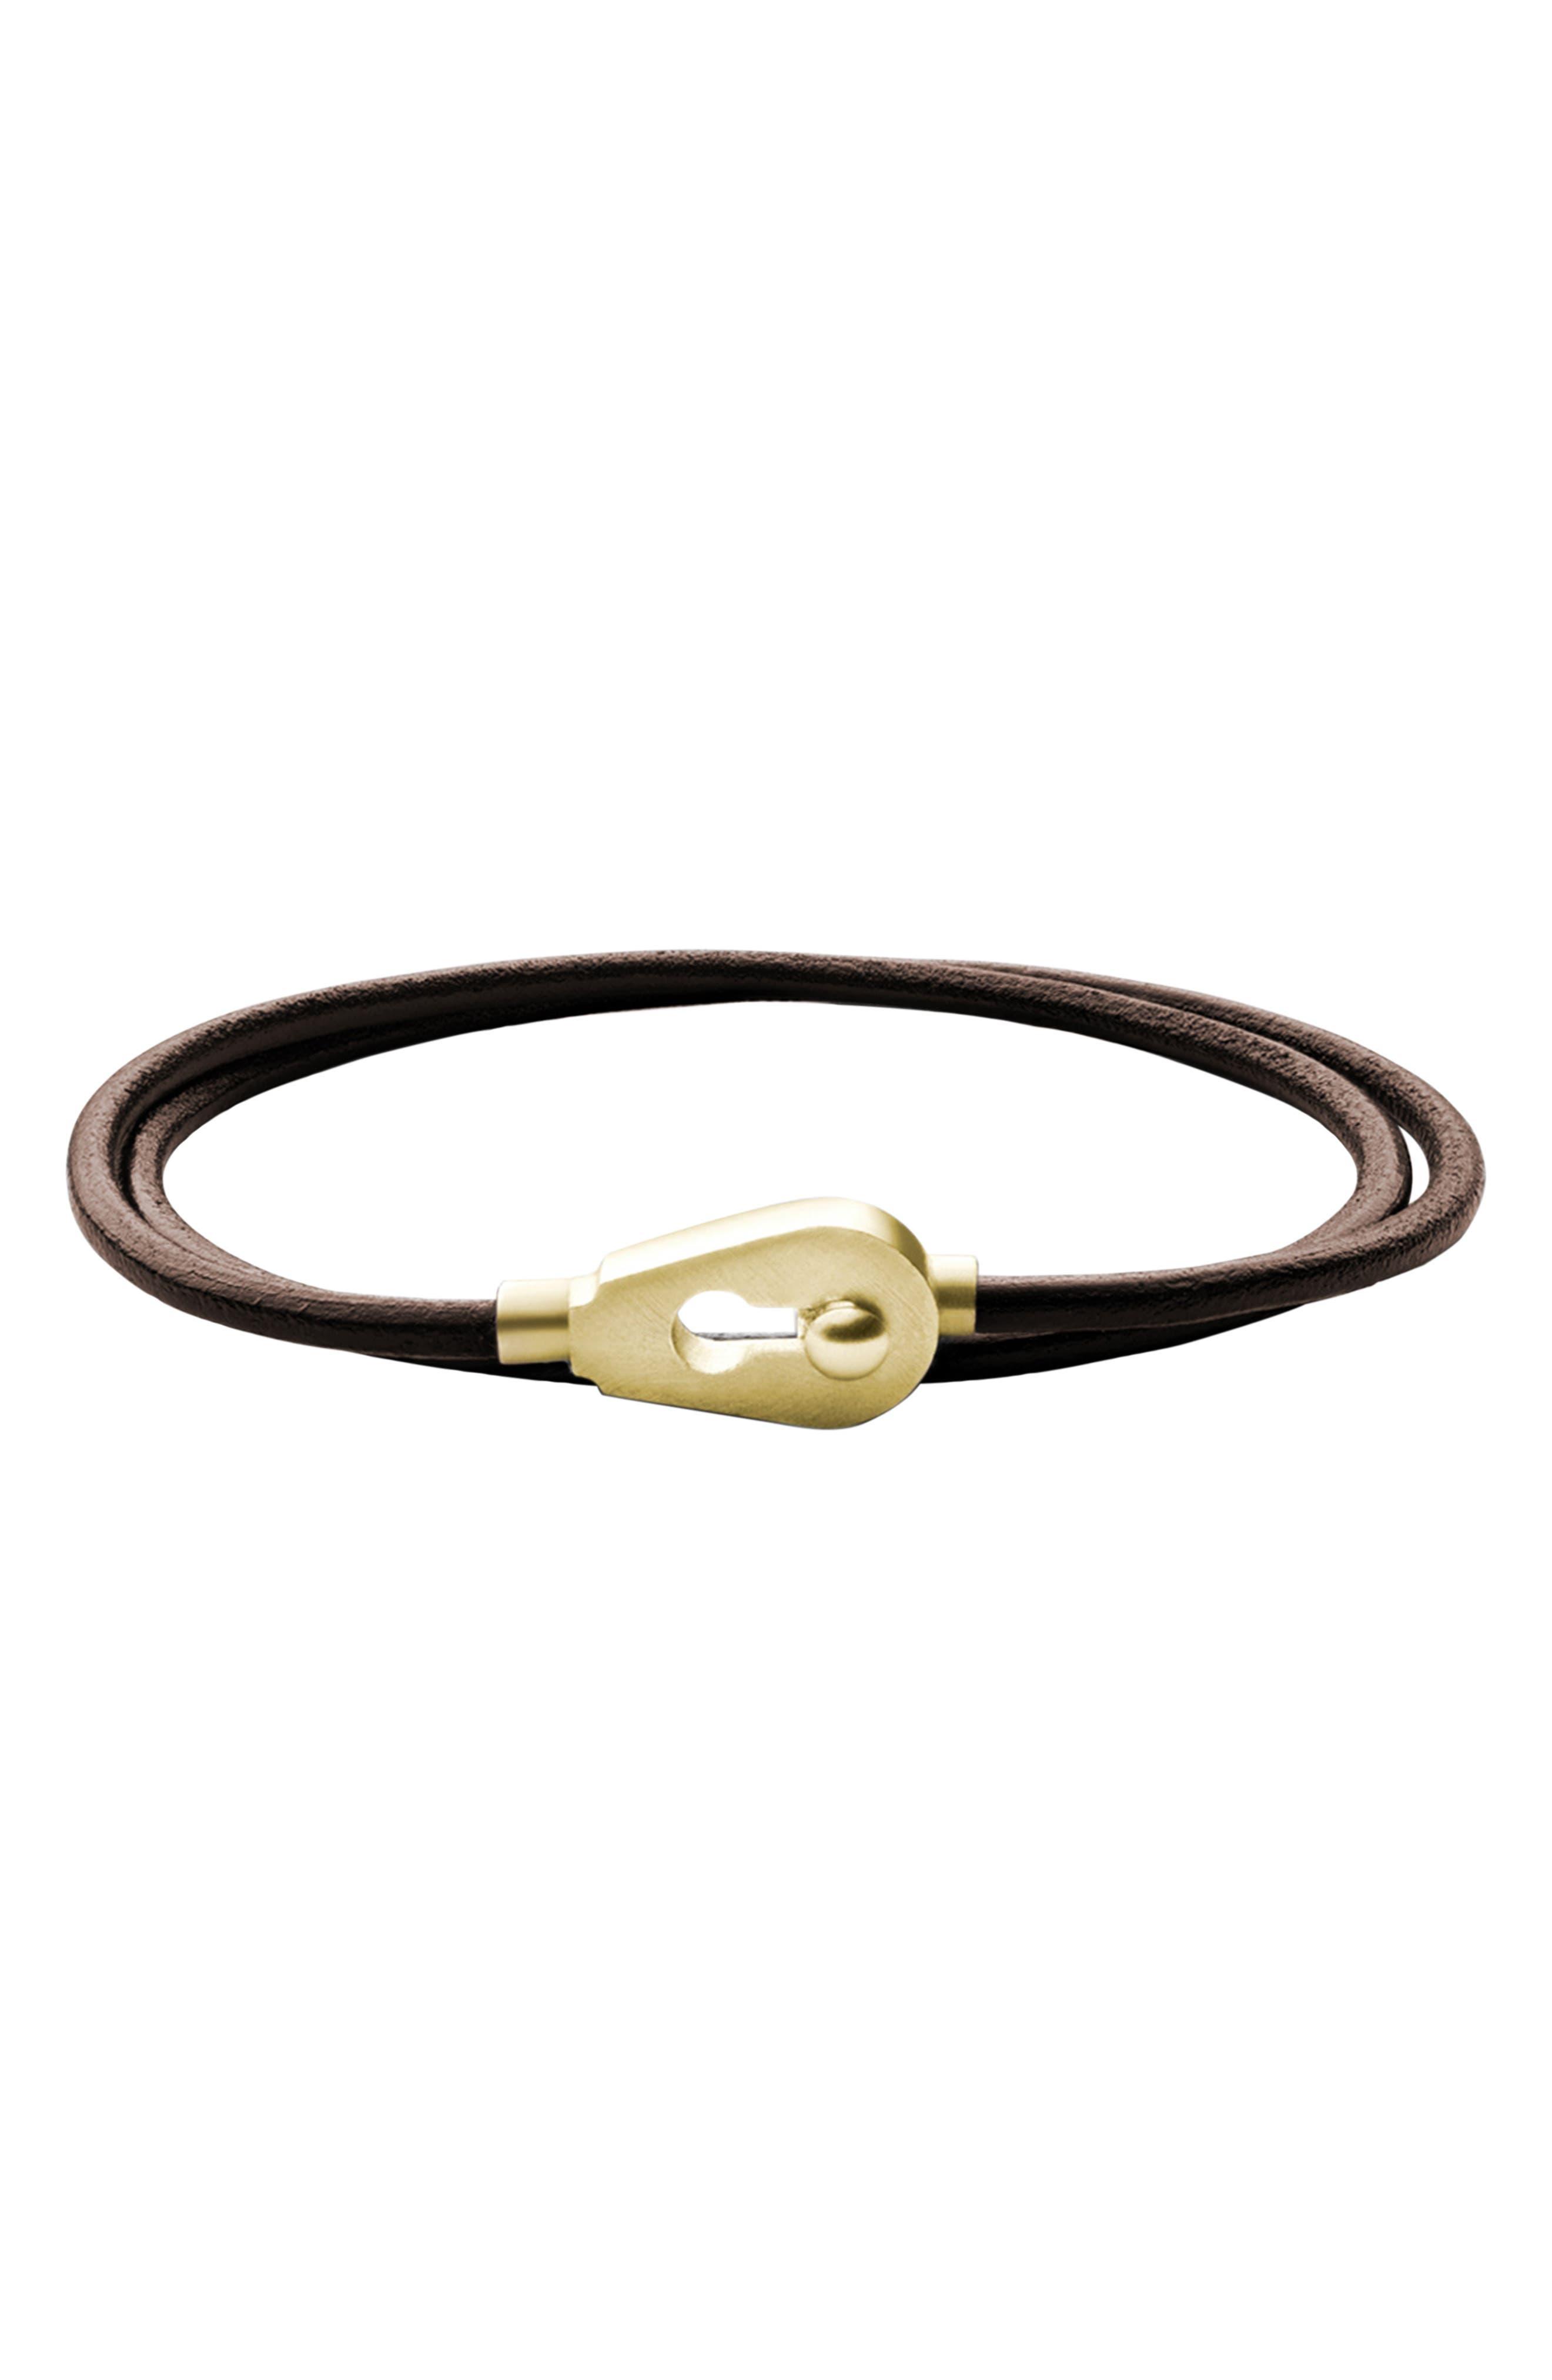 Centra Leather Wrap Bracelet,                             Main thumbnail 1, color,                             BROWN